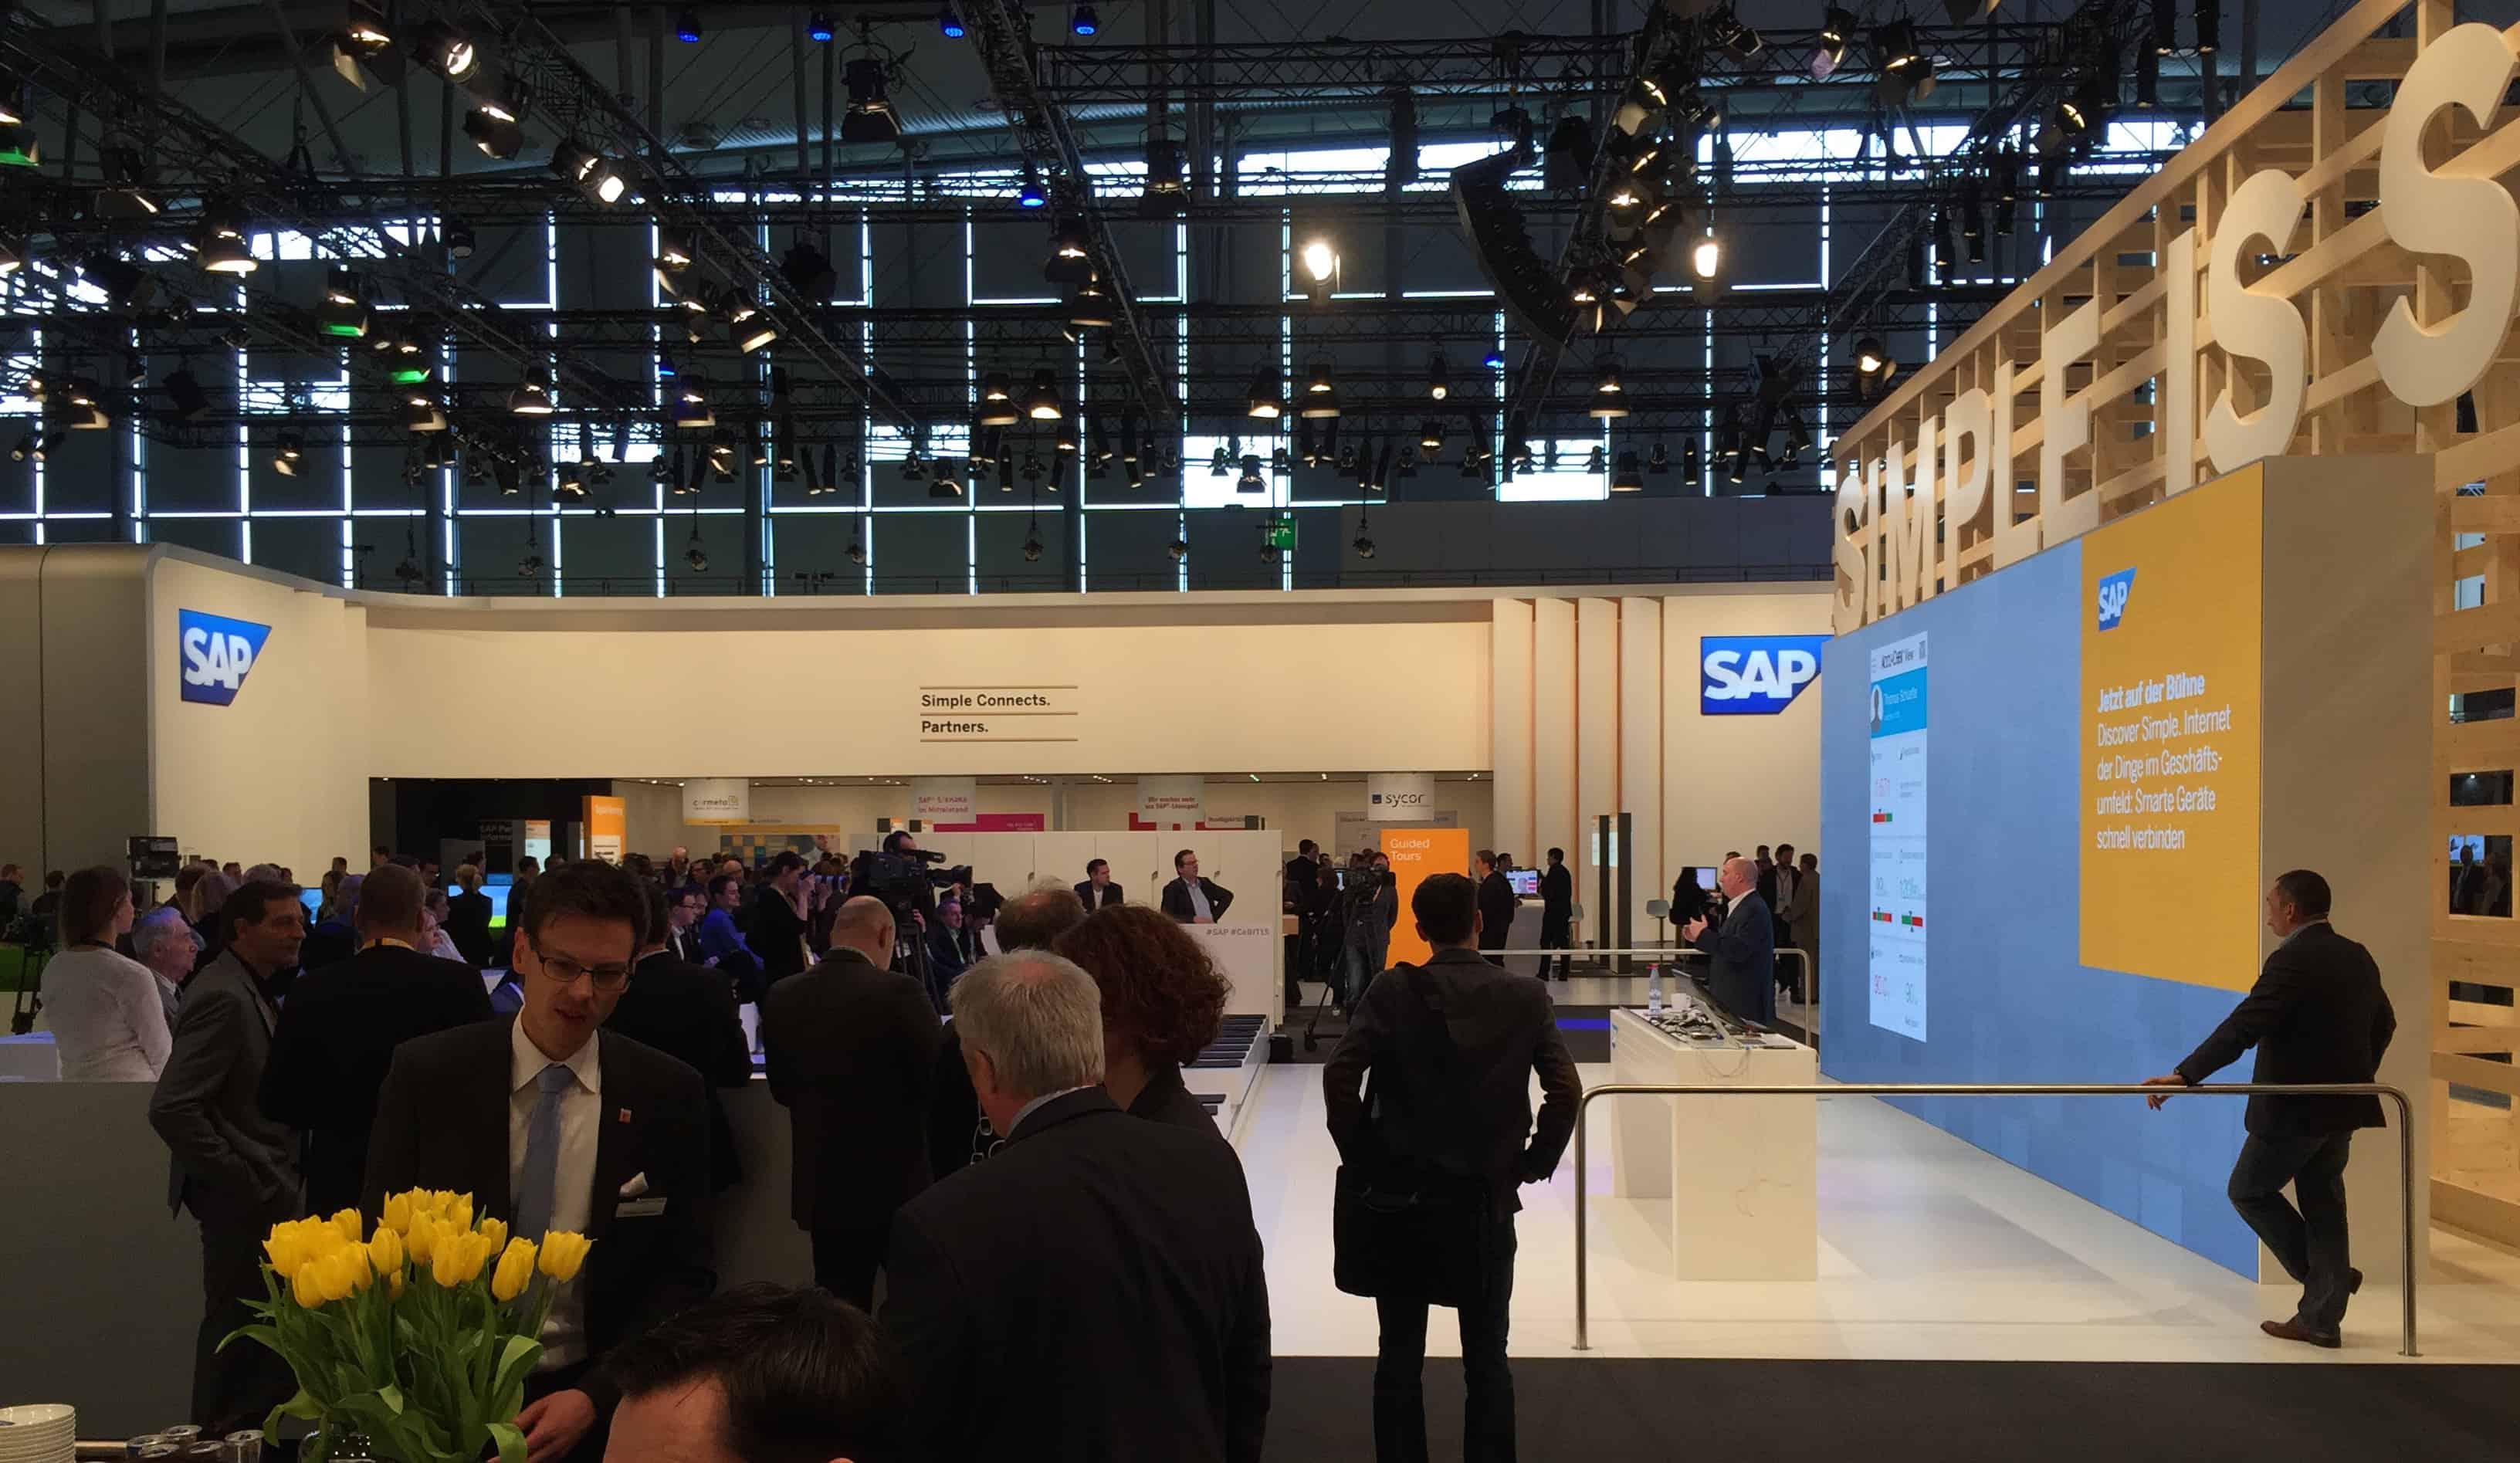 SAP Ausstellungsstand